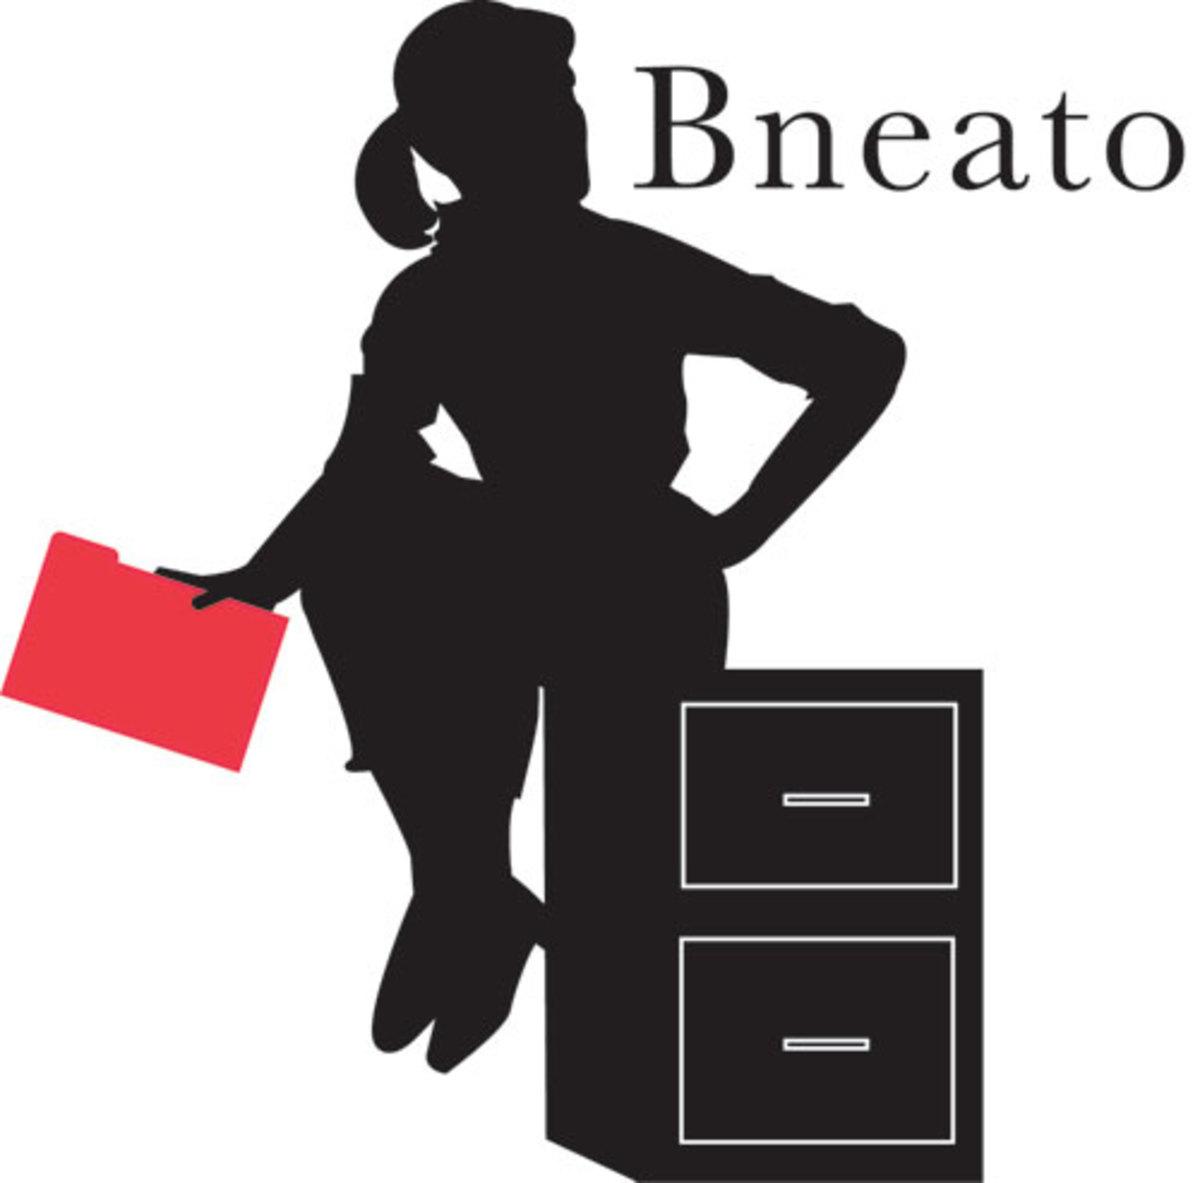 BNeato